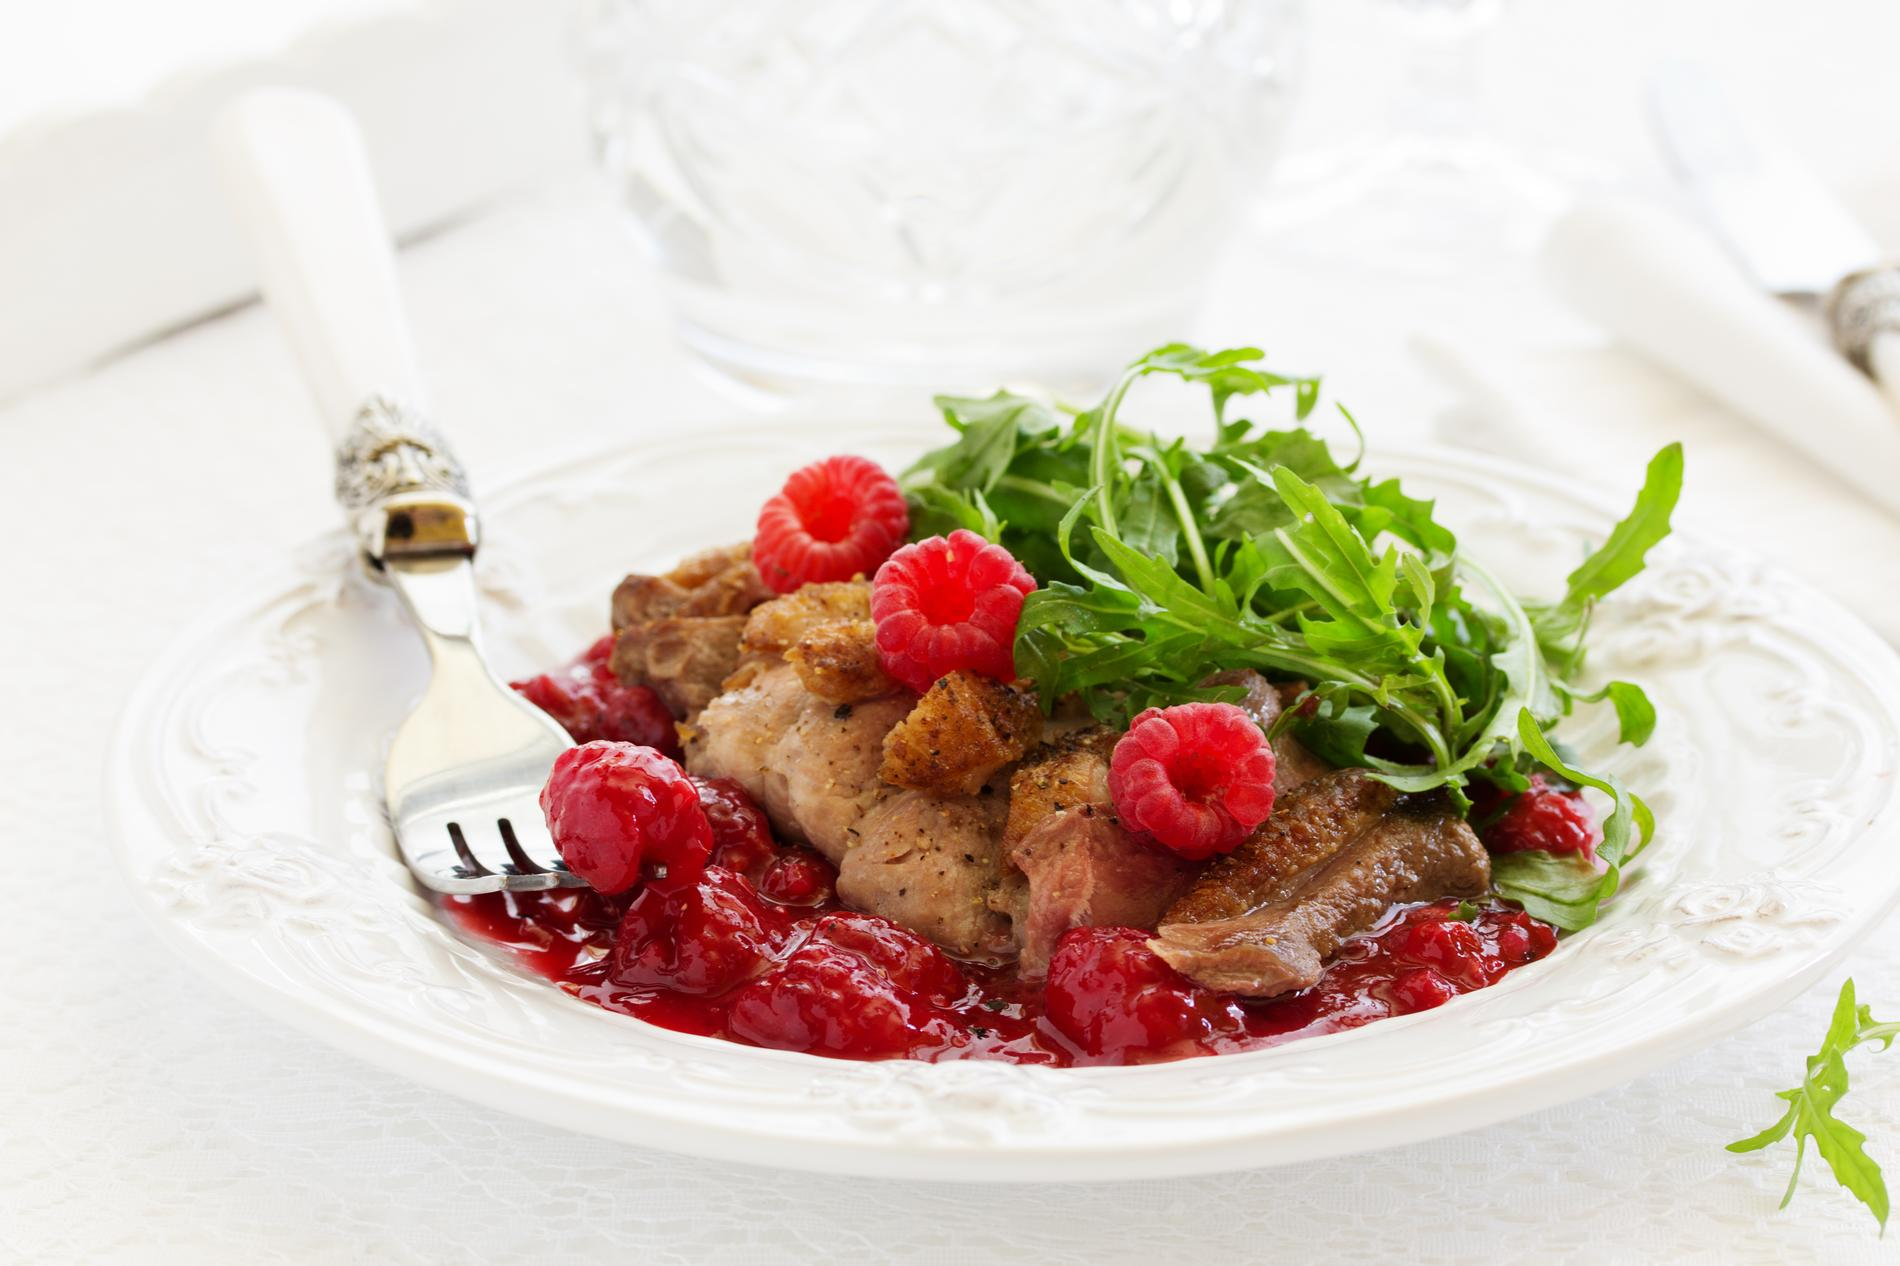 Bien connu Petit-déjeuner sucré-salé : Recettes faciles et rapides - Cuisine  YL42